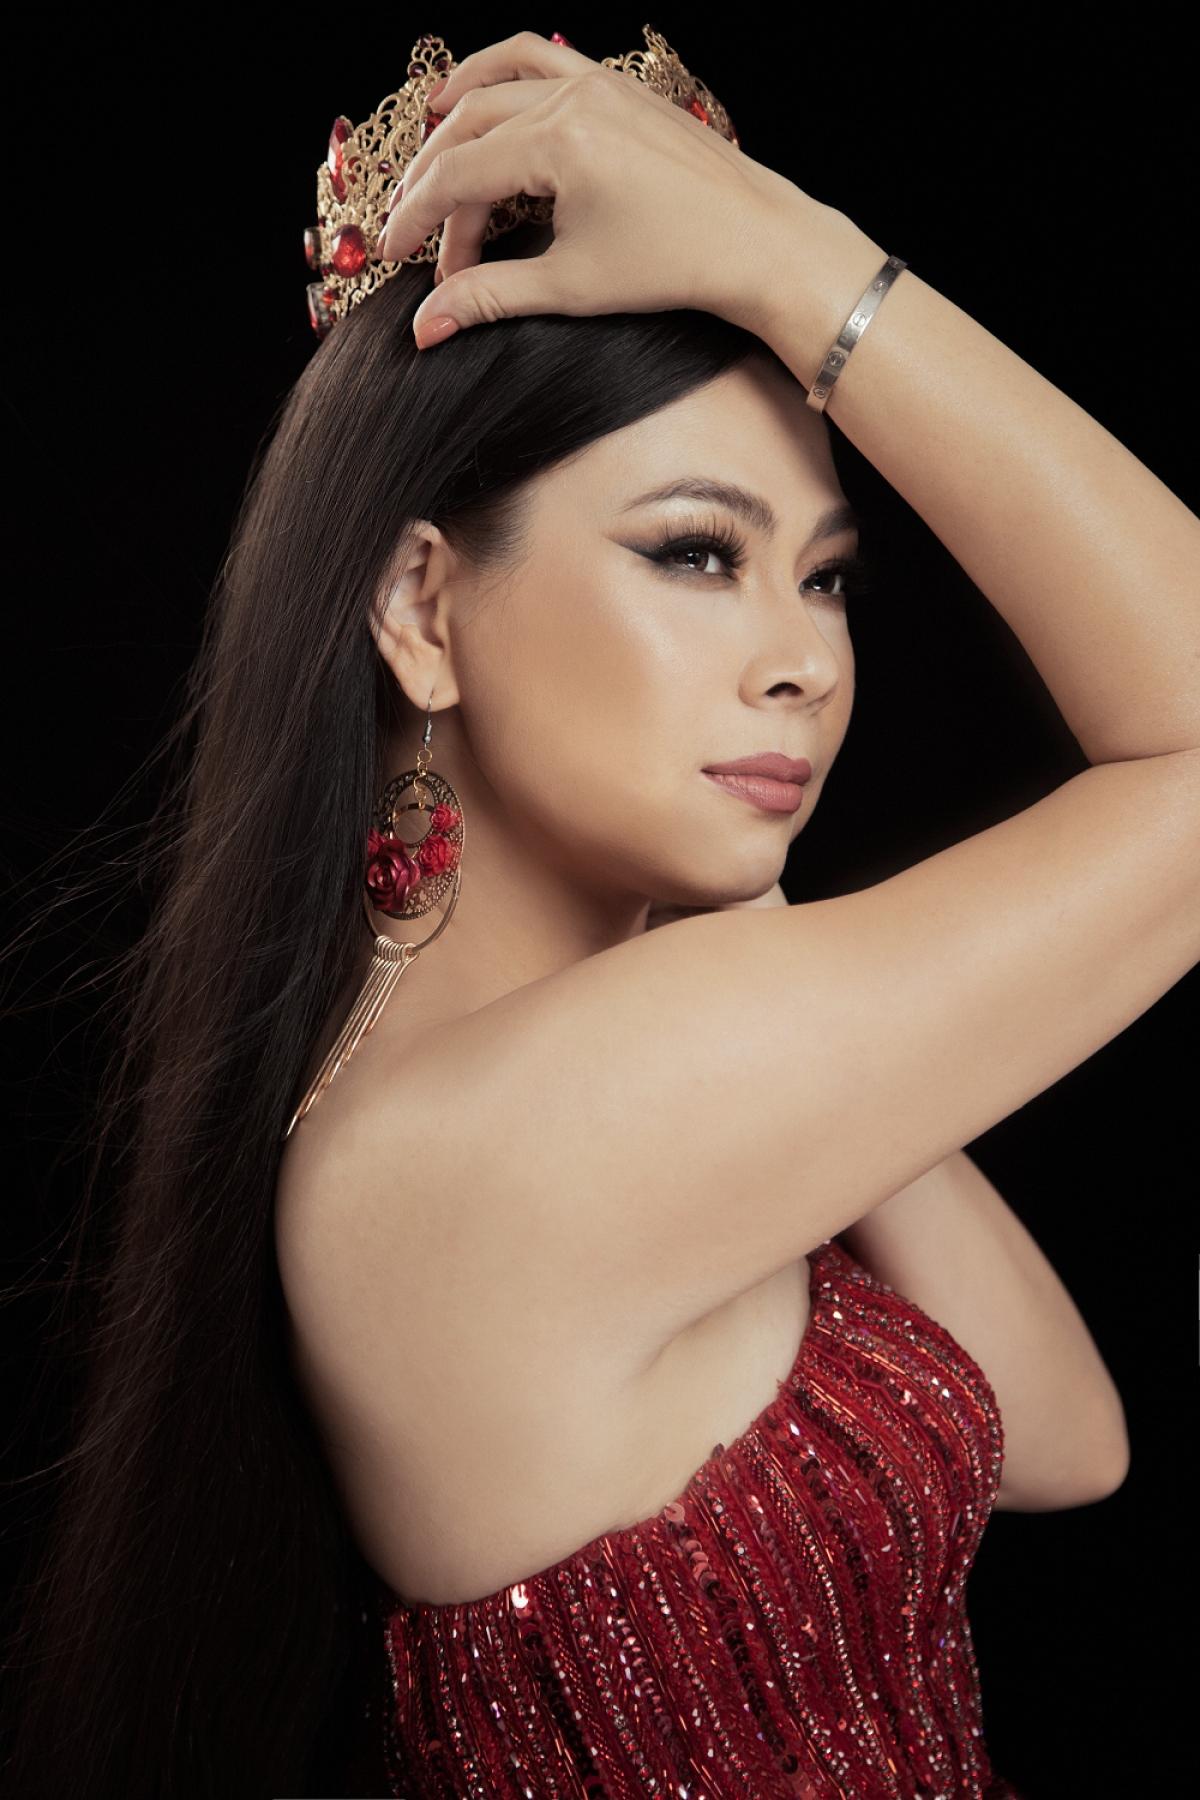 Cô lựa chọn váy đỏ lấp lánh, đeo vương miện đá quý tôn lên nét sang trọng.